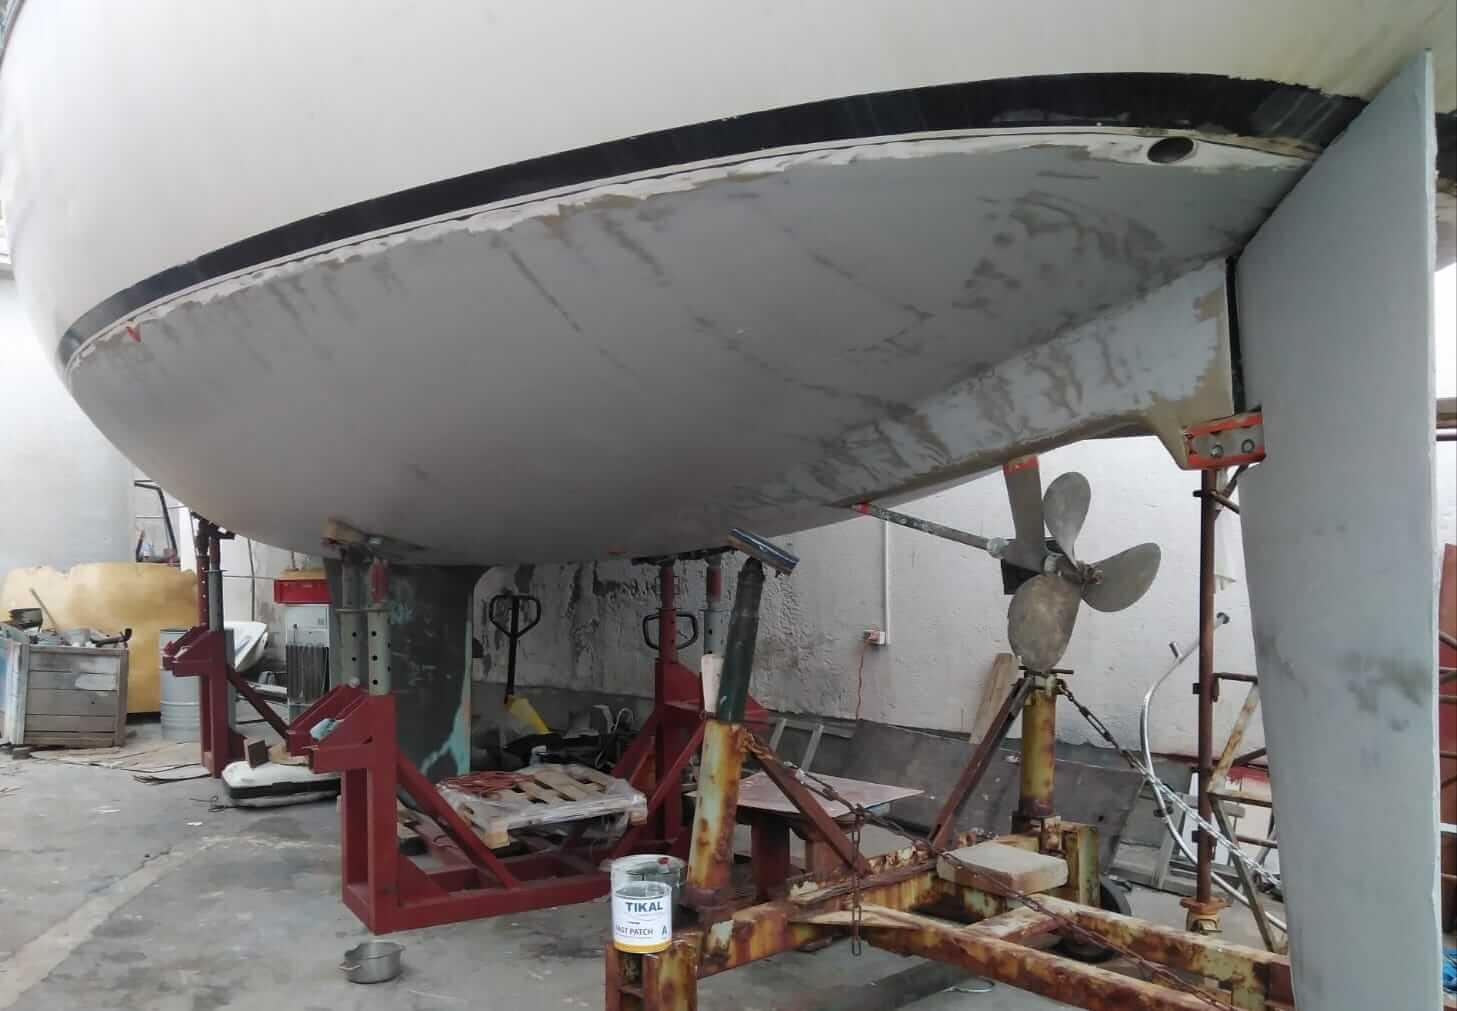 Sanacija podvodnog dijela jedrilice s TIKAL dvokom. Epoxi kitom